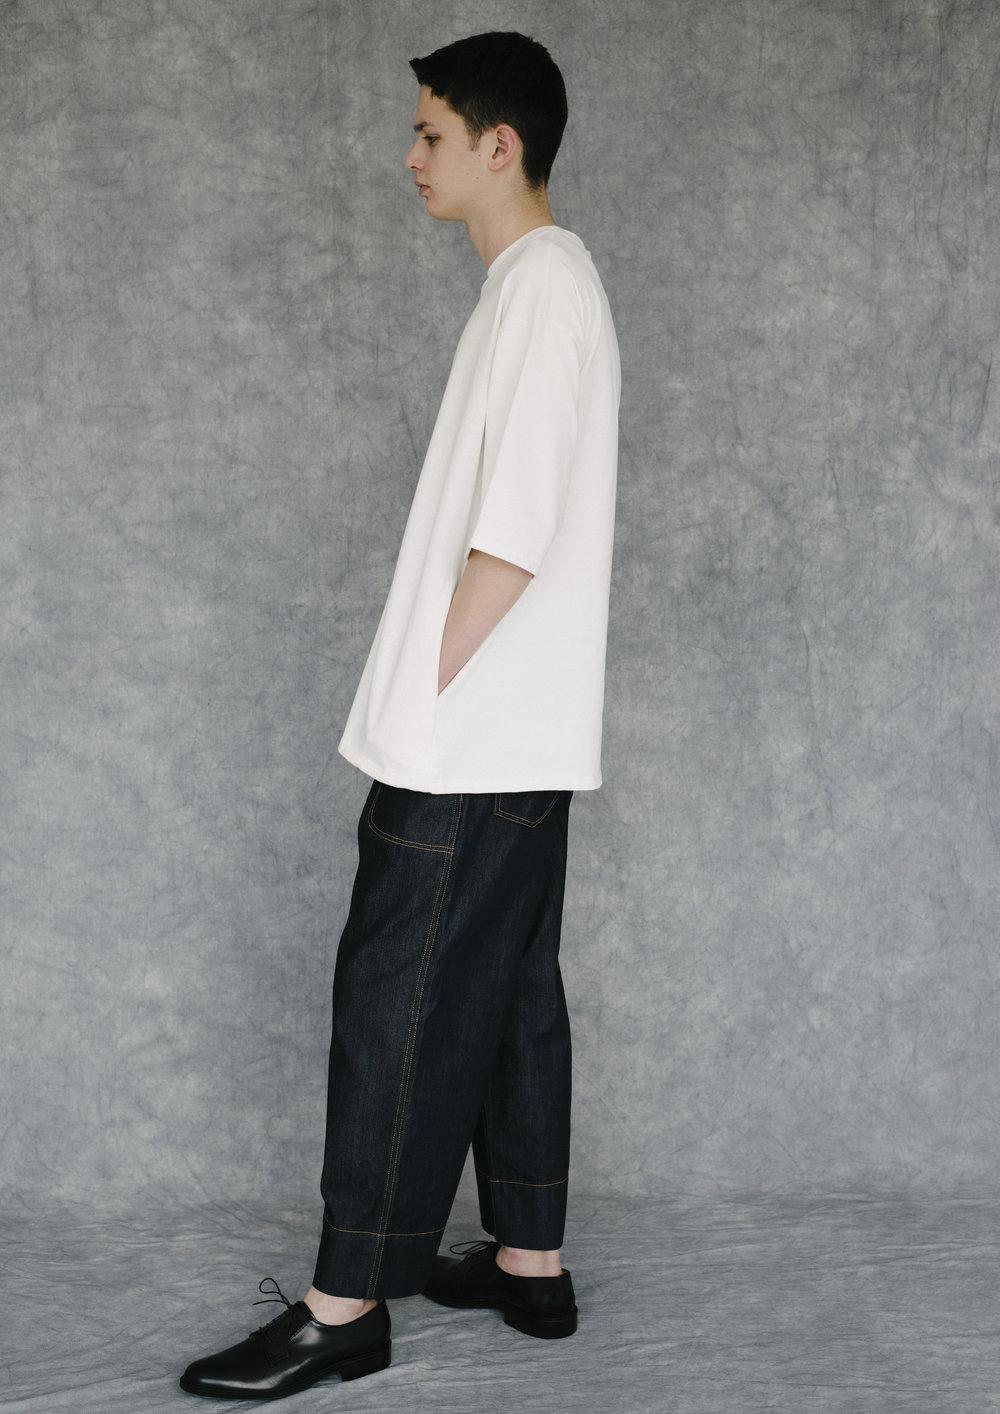 riceman-016.jpg